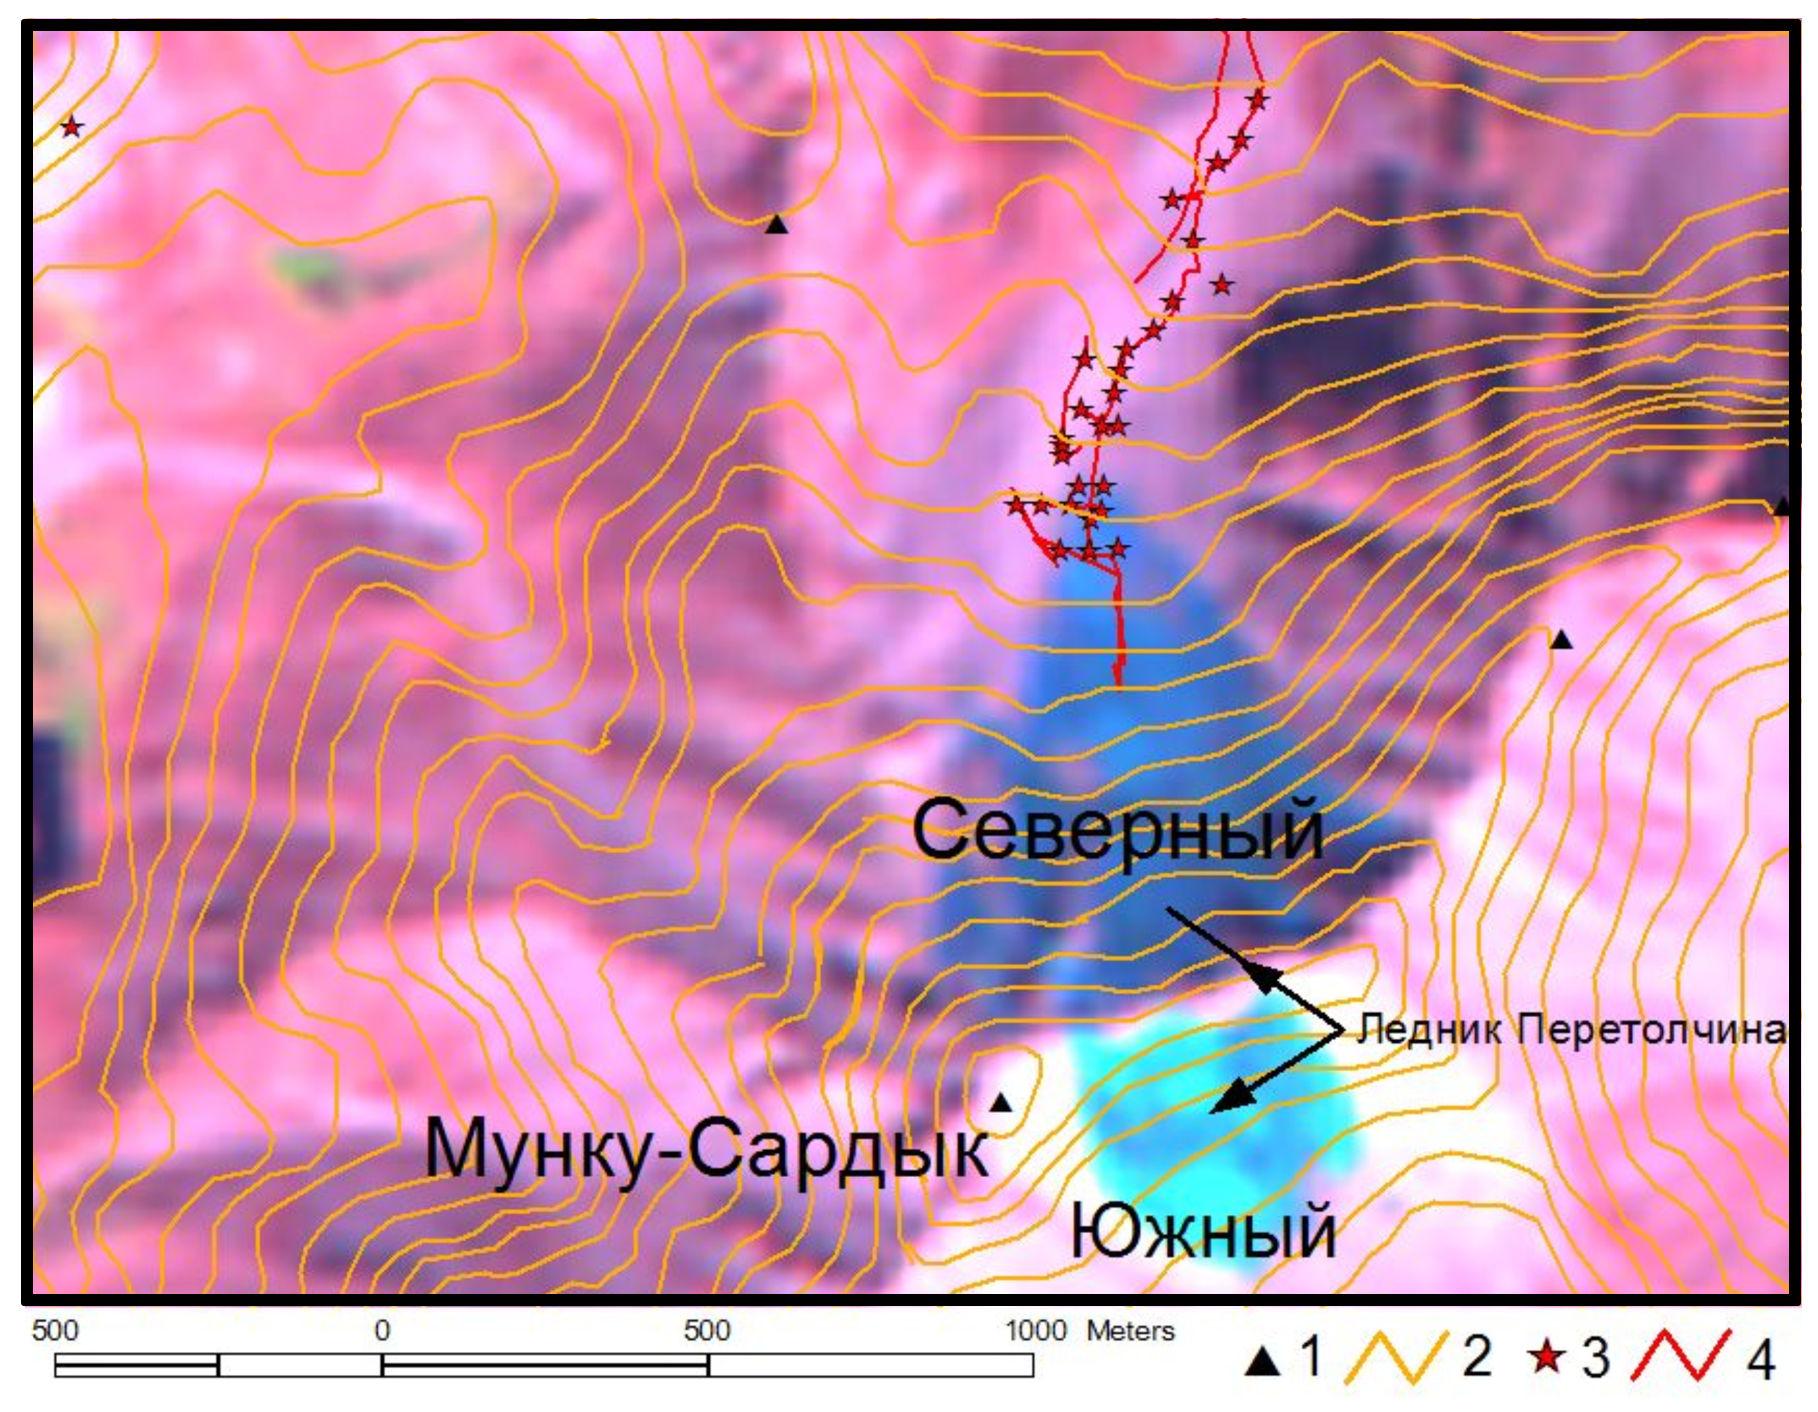 Трек горадарного зондирования ледника Перетолчина